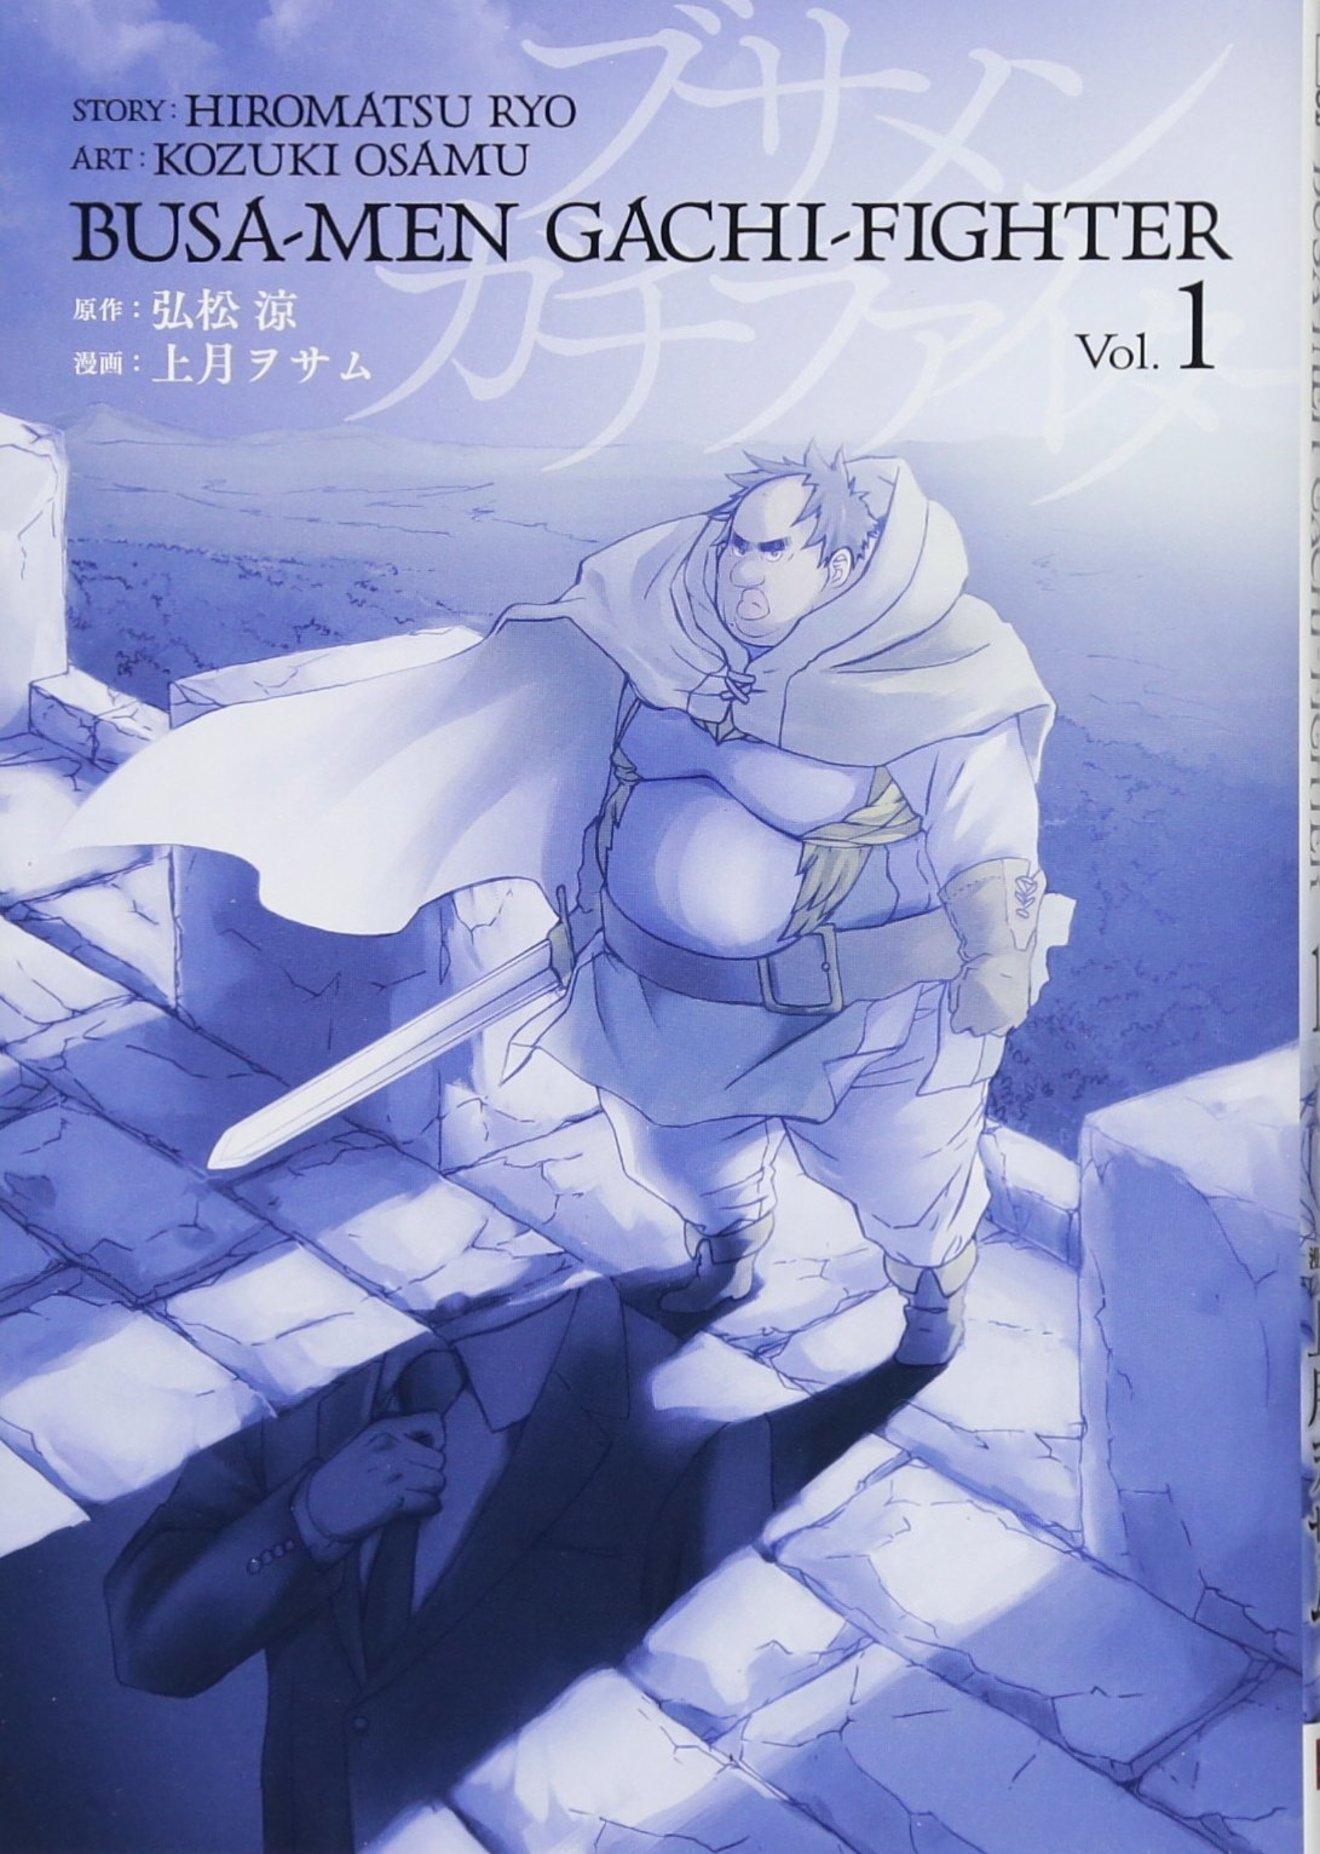 『ブサメンガチファイター』全巻ネタバレ!苦行設定の主人公に惚れる【無料】